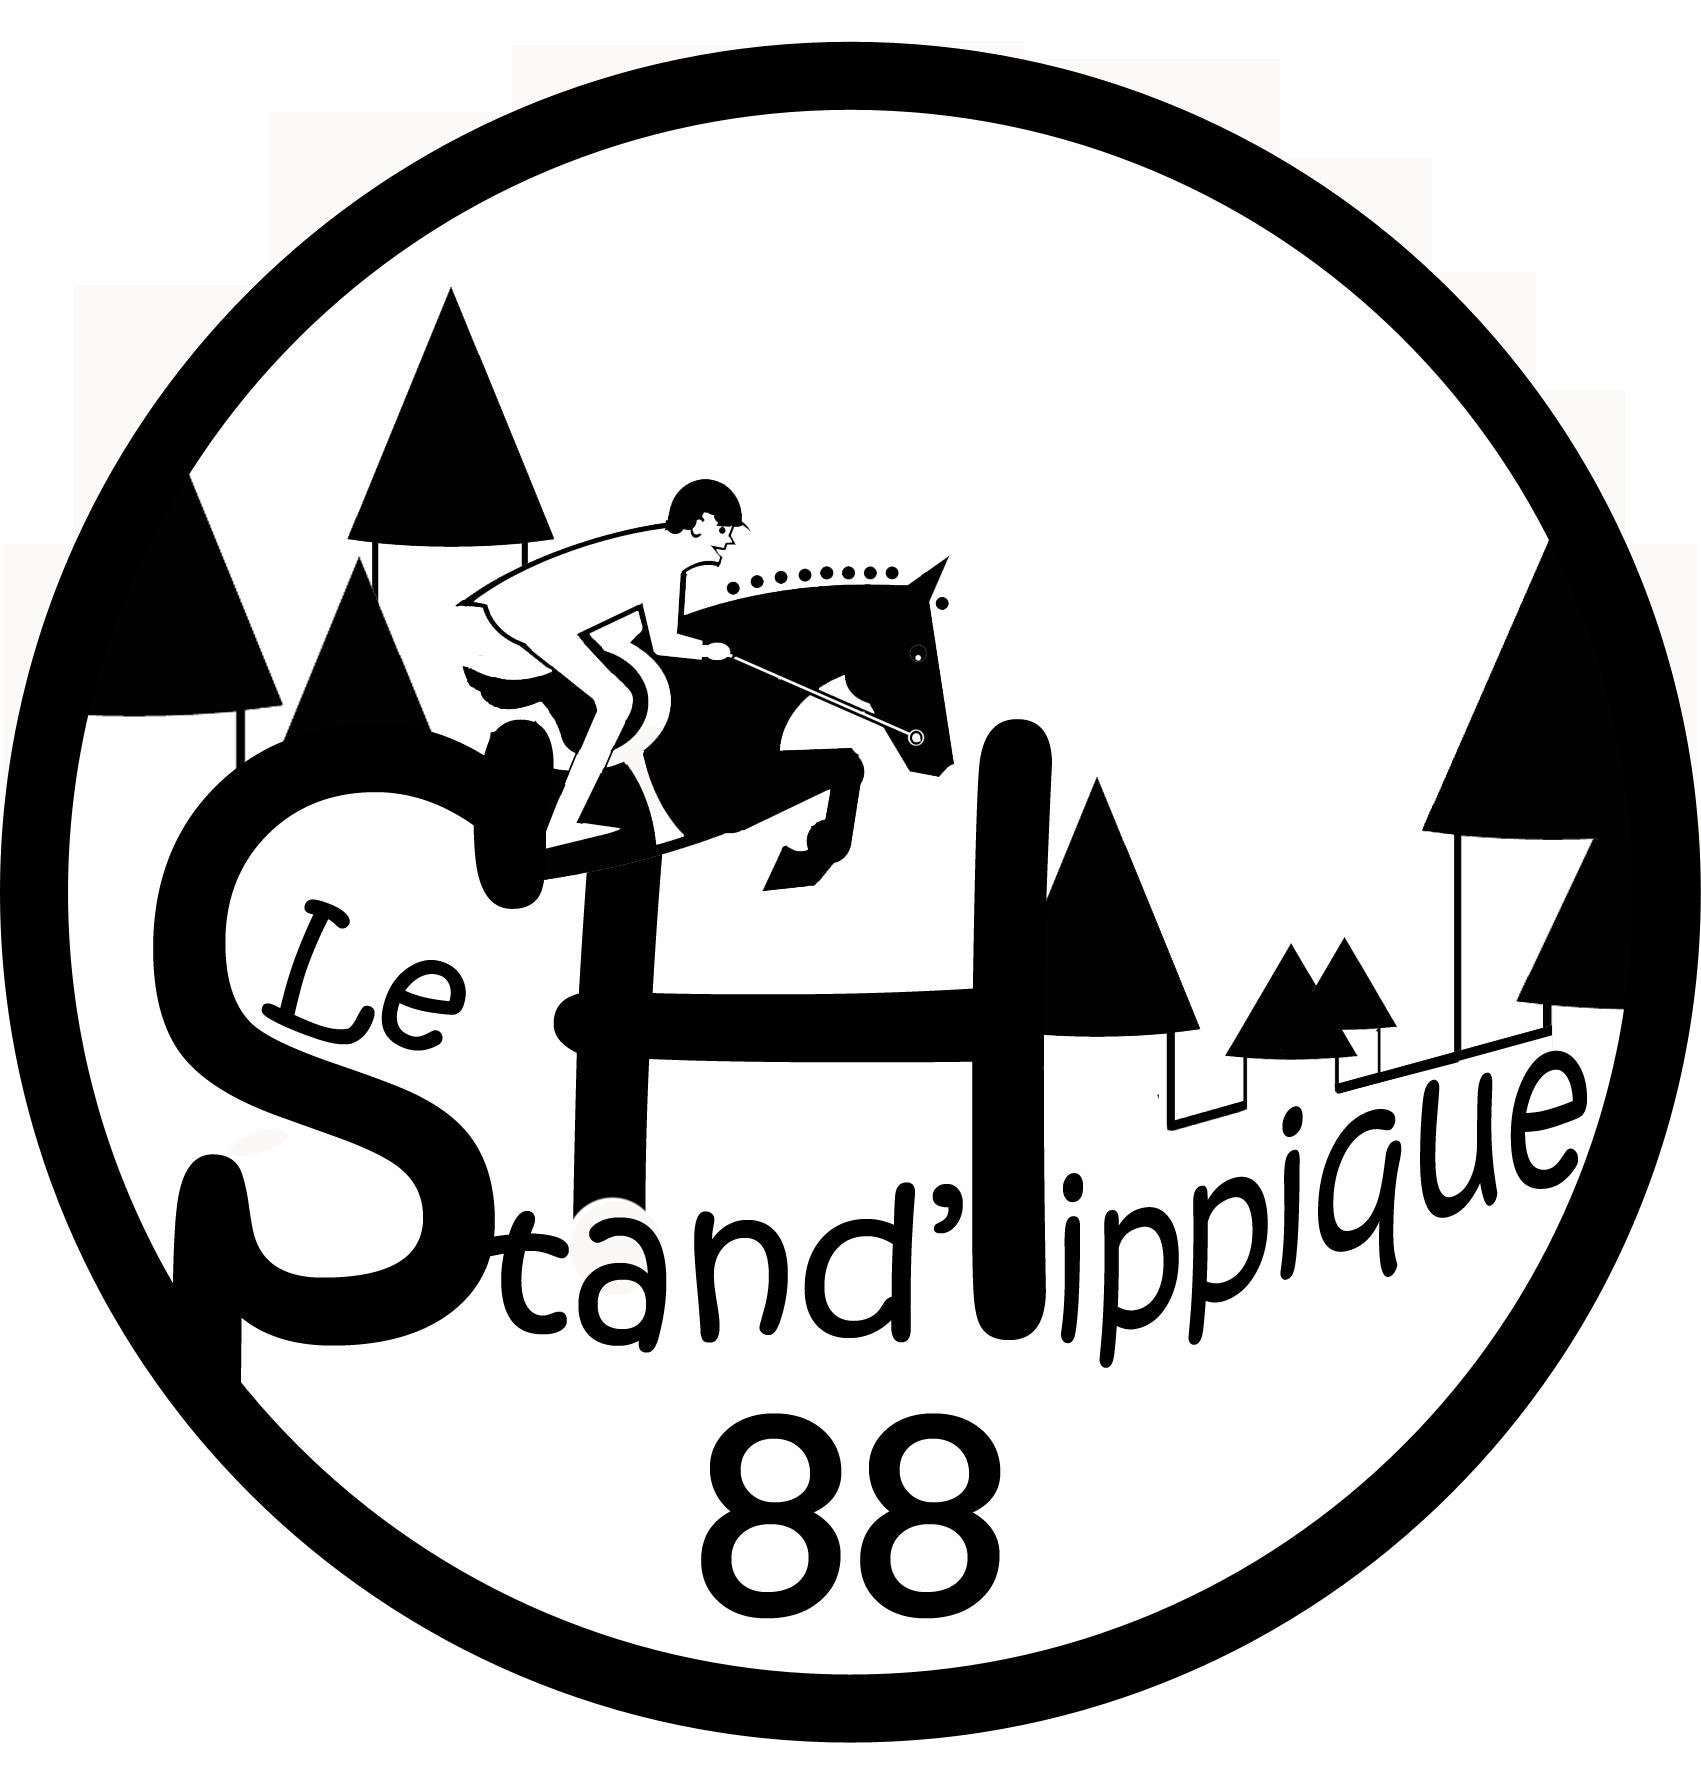 LE STAND HIPPIQUE 88